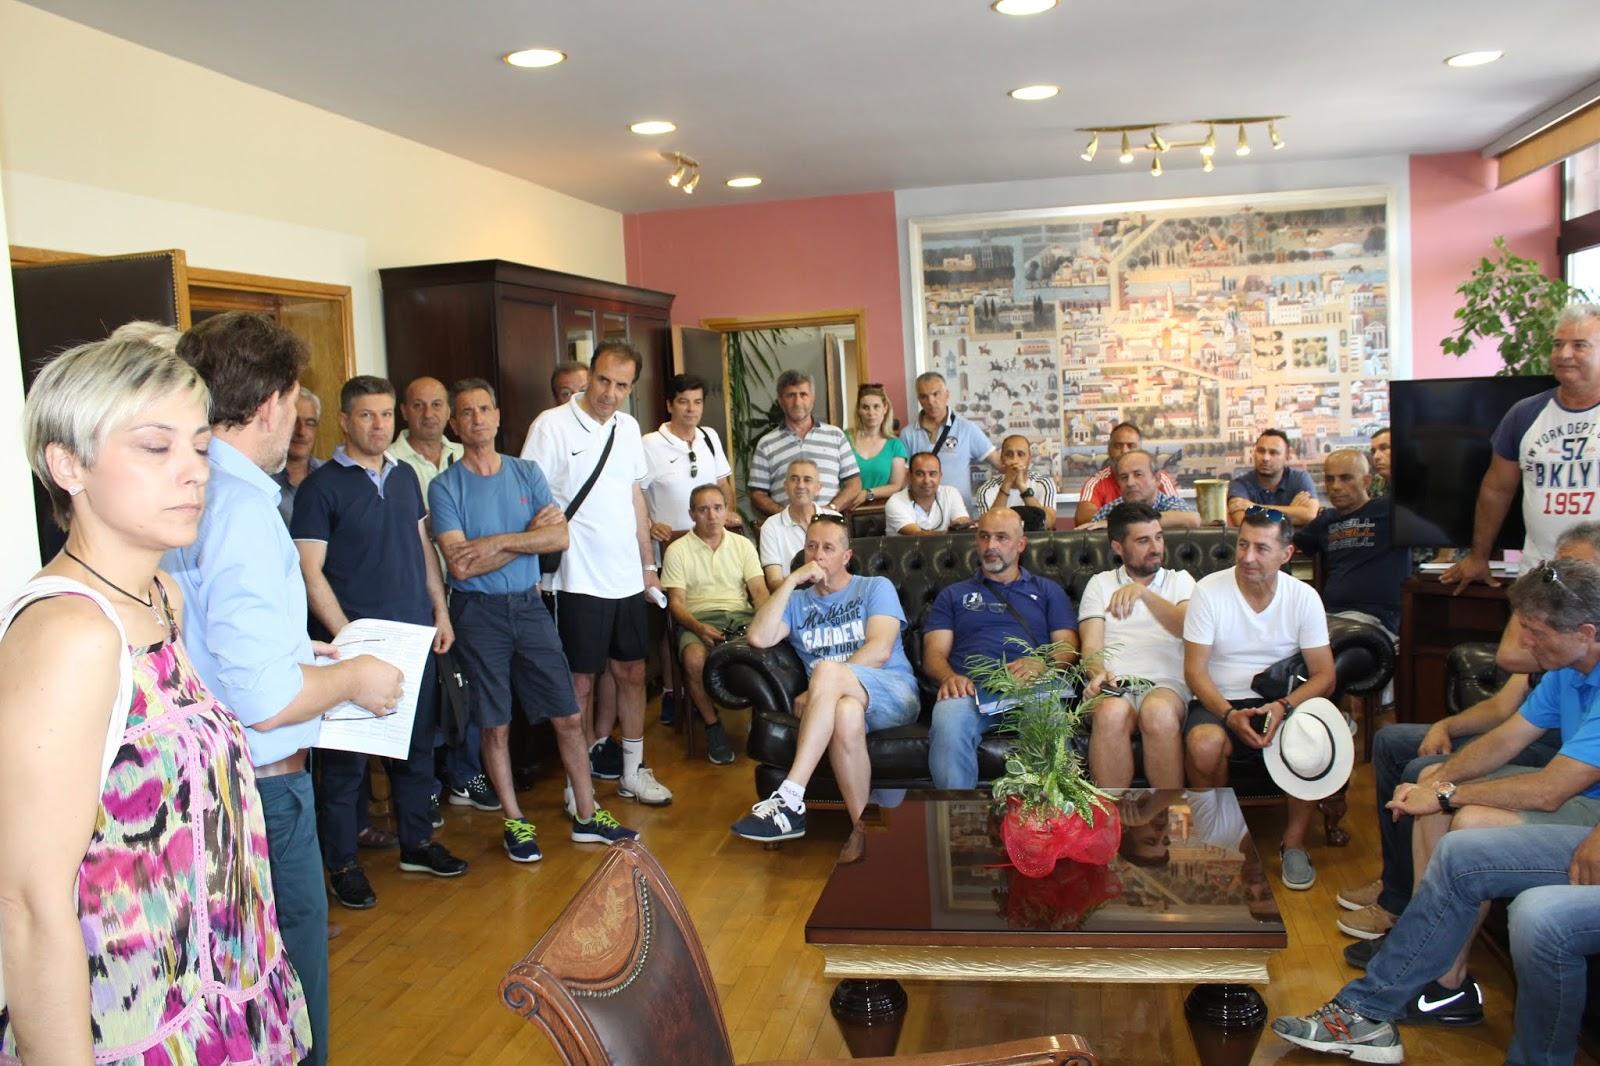 Στο Δημαρχείο οι υπεύθυνοι των ομάδων για το Πανελλήνιο Πρωτάθλημα Ποδοσφαίρου Εκπαιδευτικών Α/θμιας Εκπαίδεσης